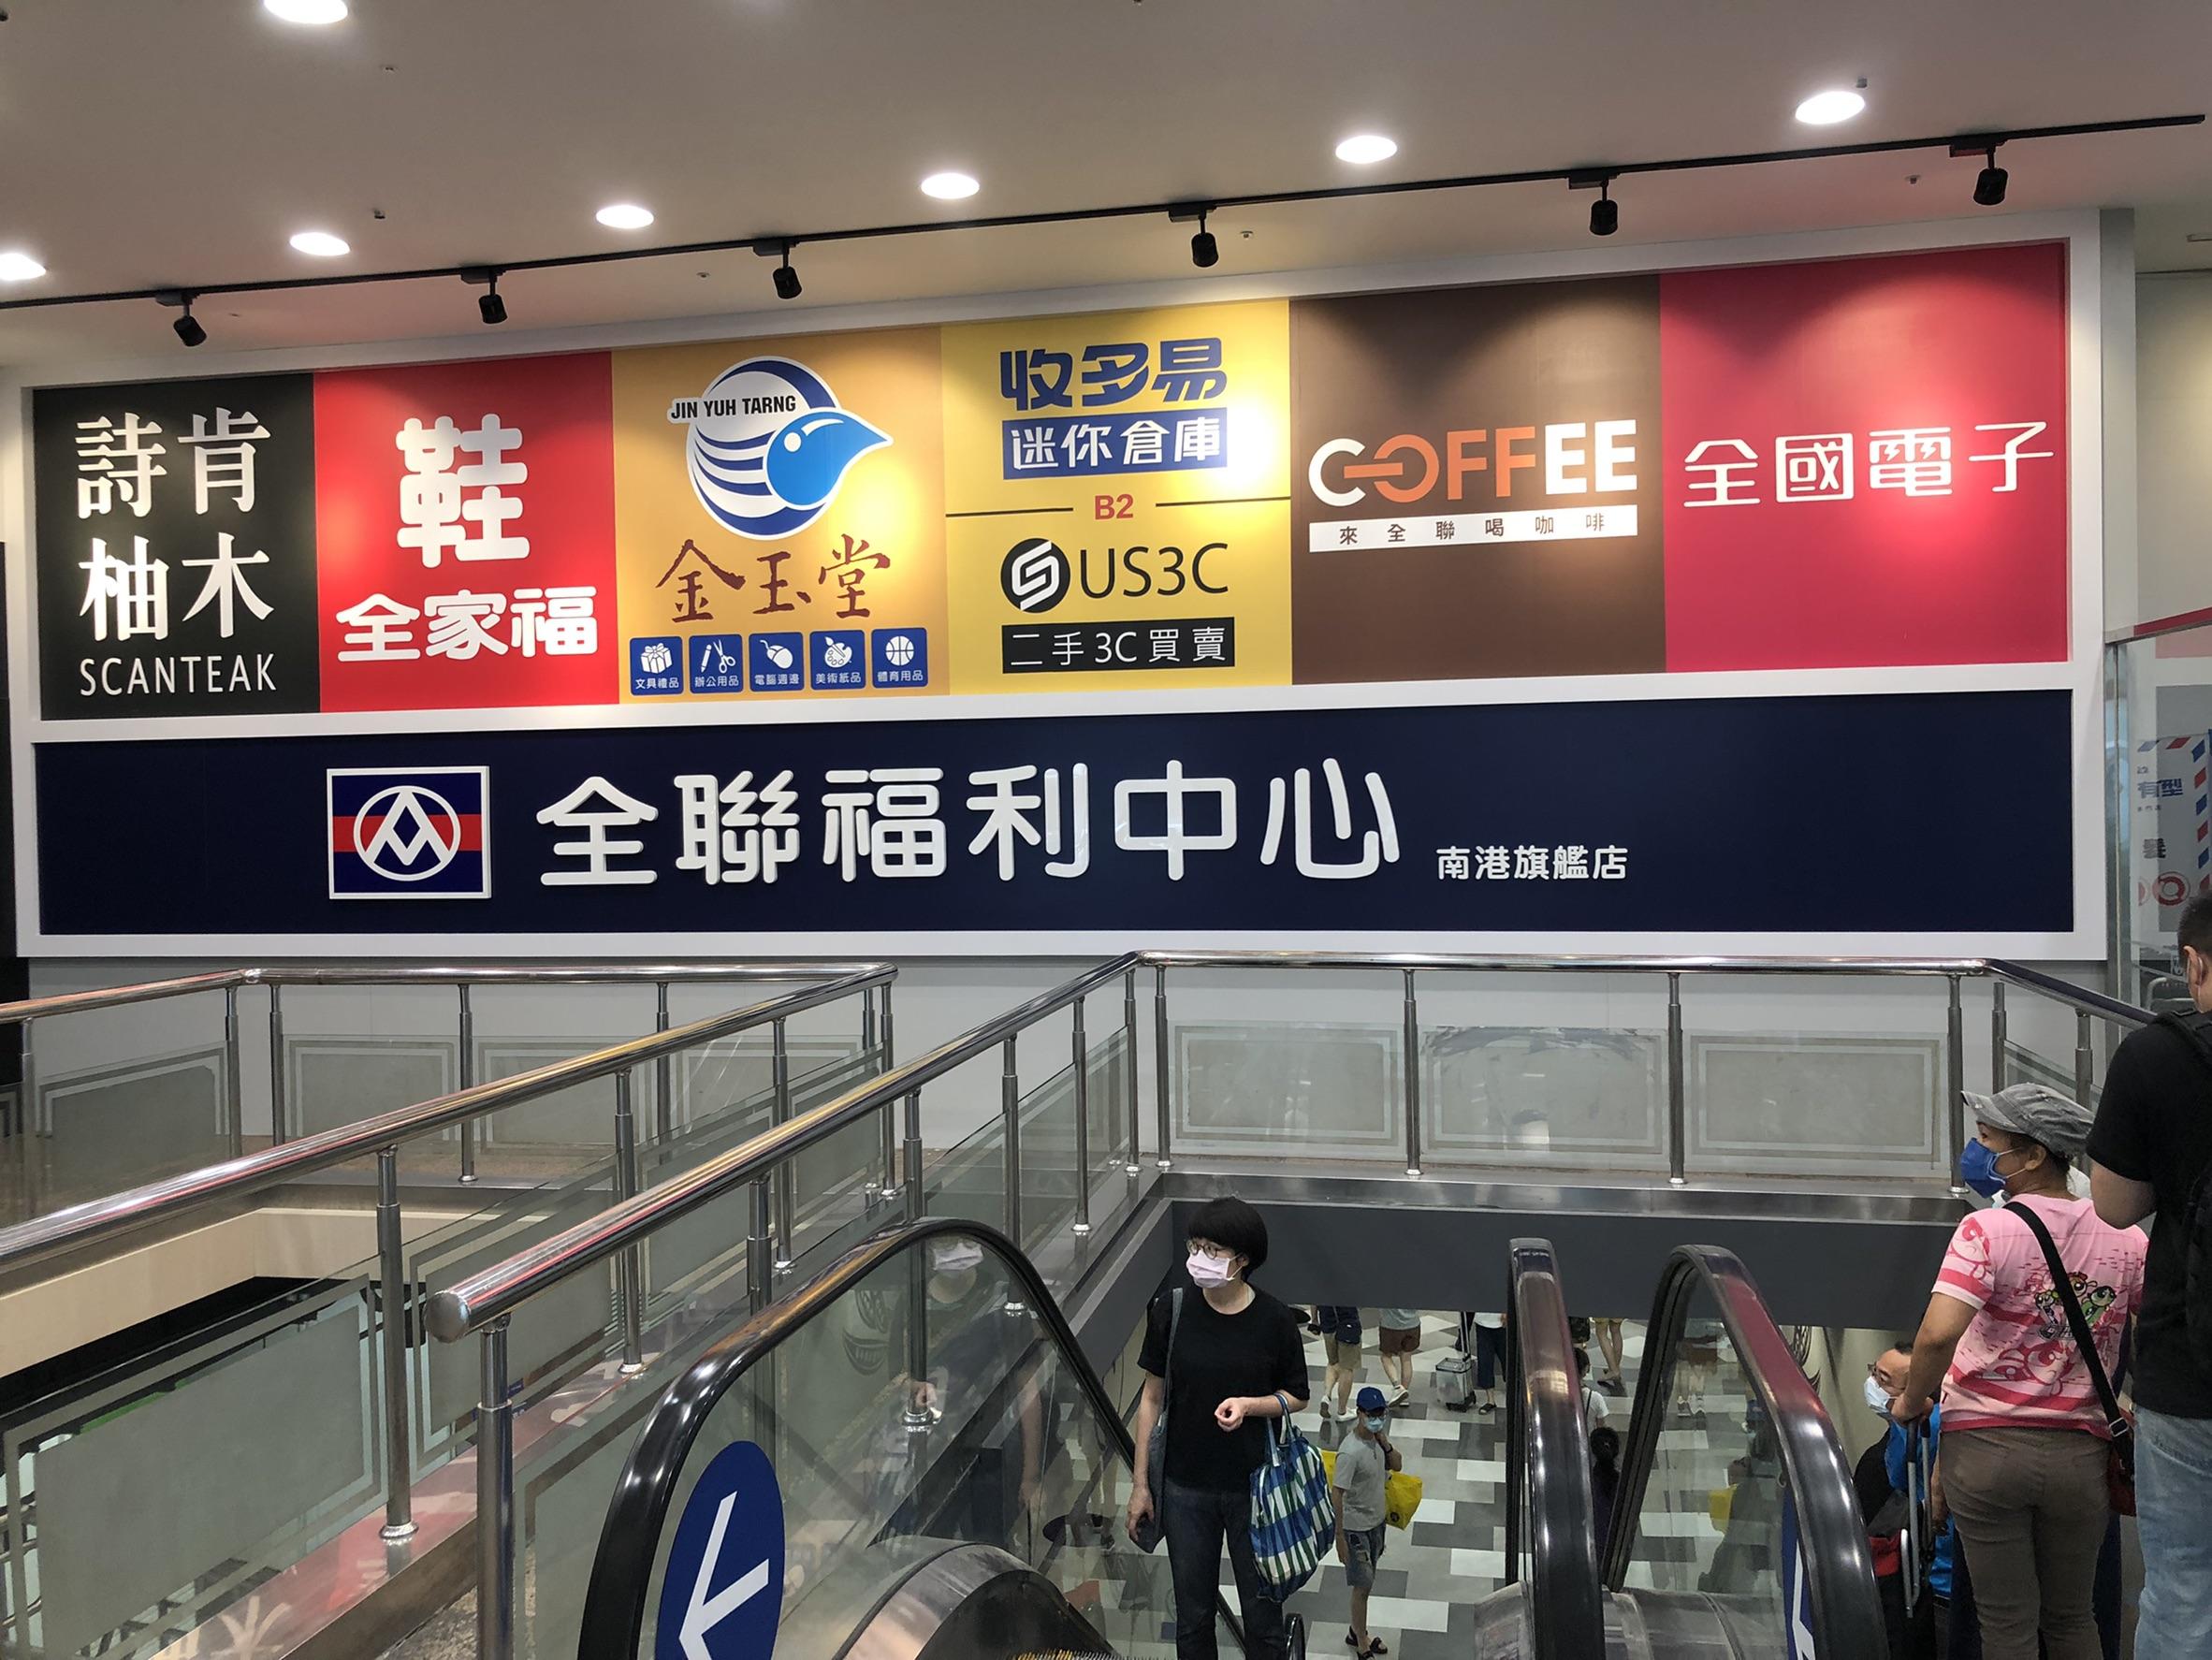 二手3c收購-US3C南港店